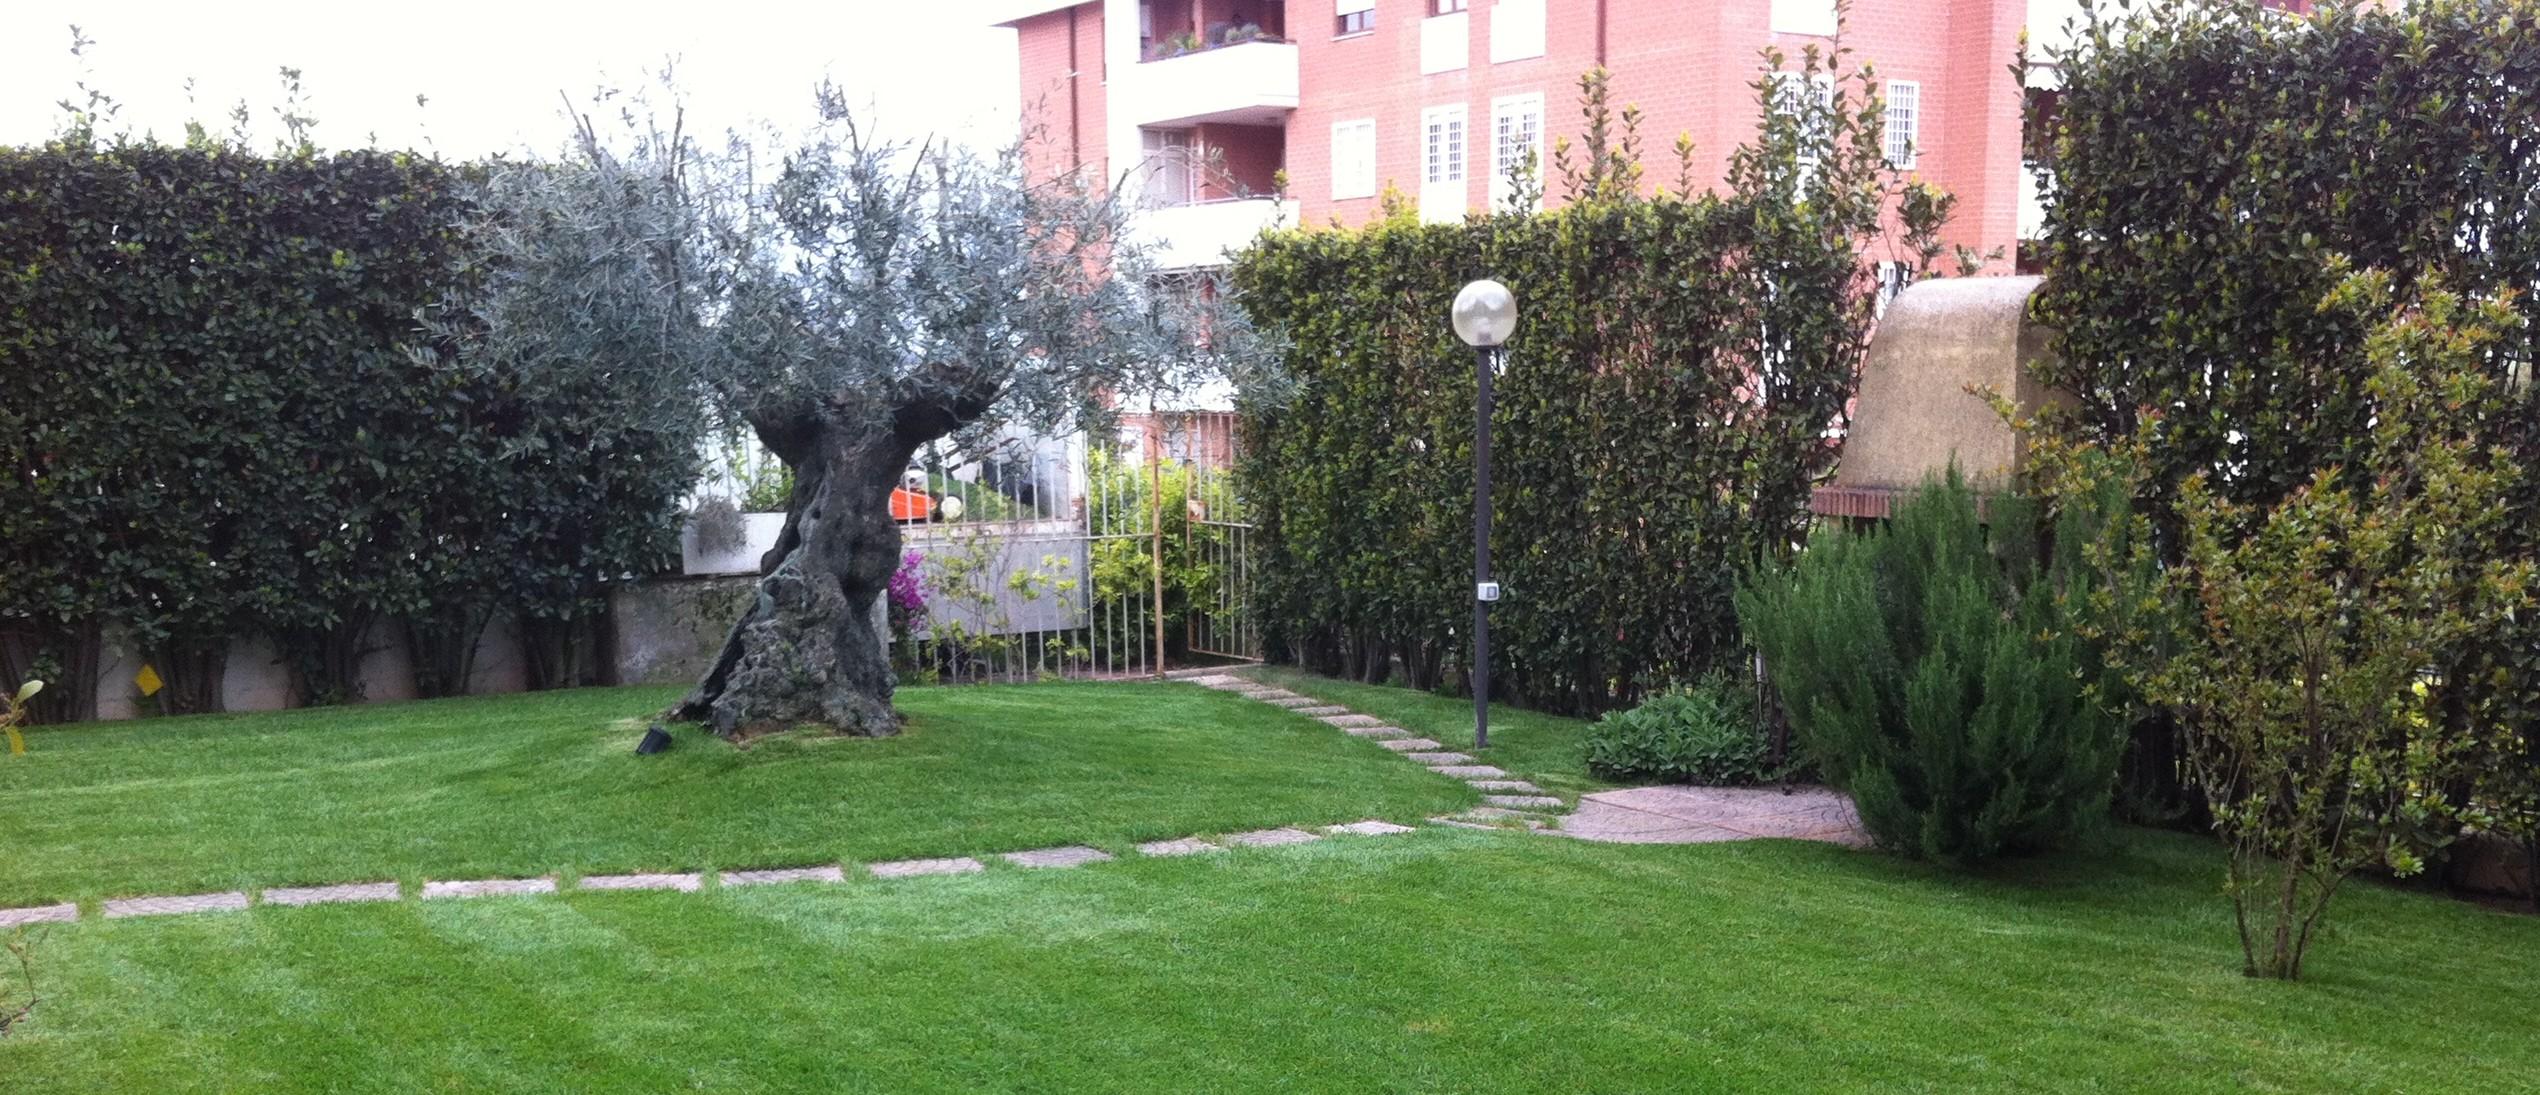 Verde ambiente vivai via pietro cuppari 32 roma eur for Progettazione giardini roma